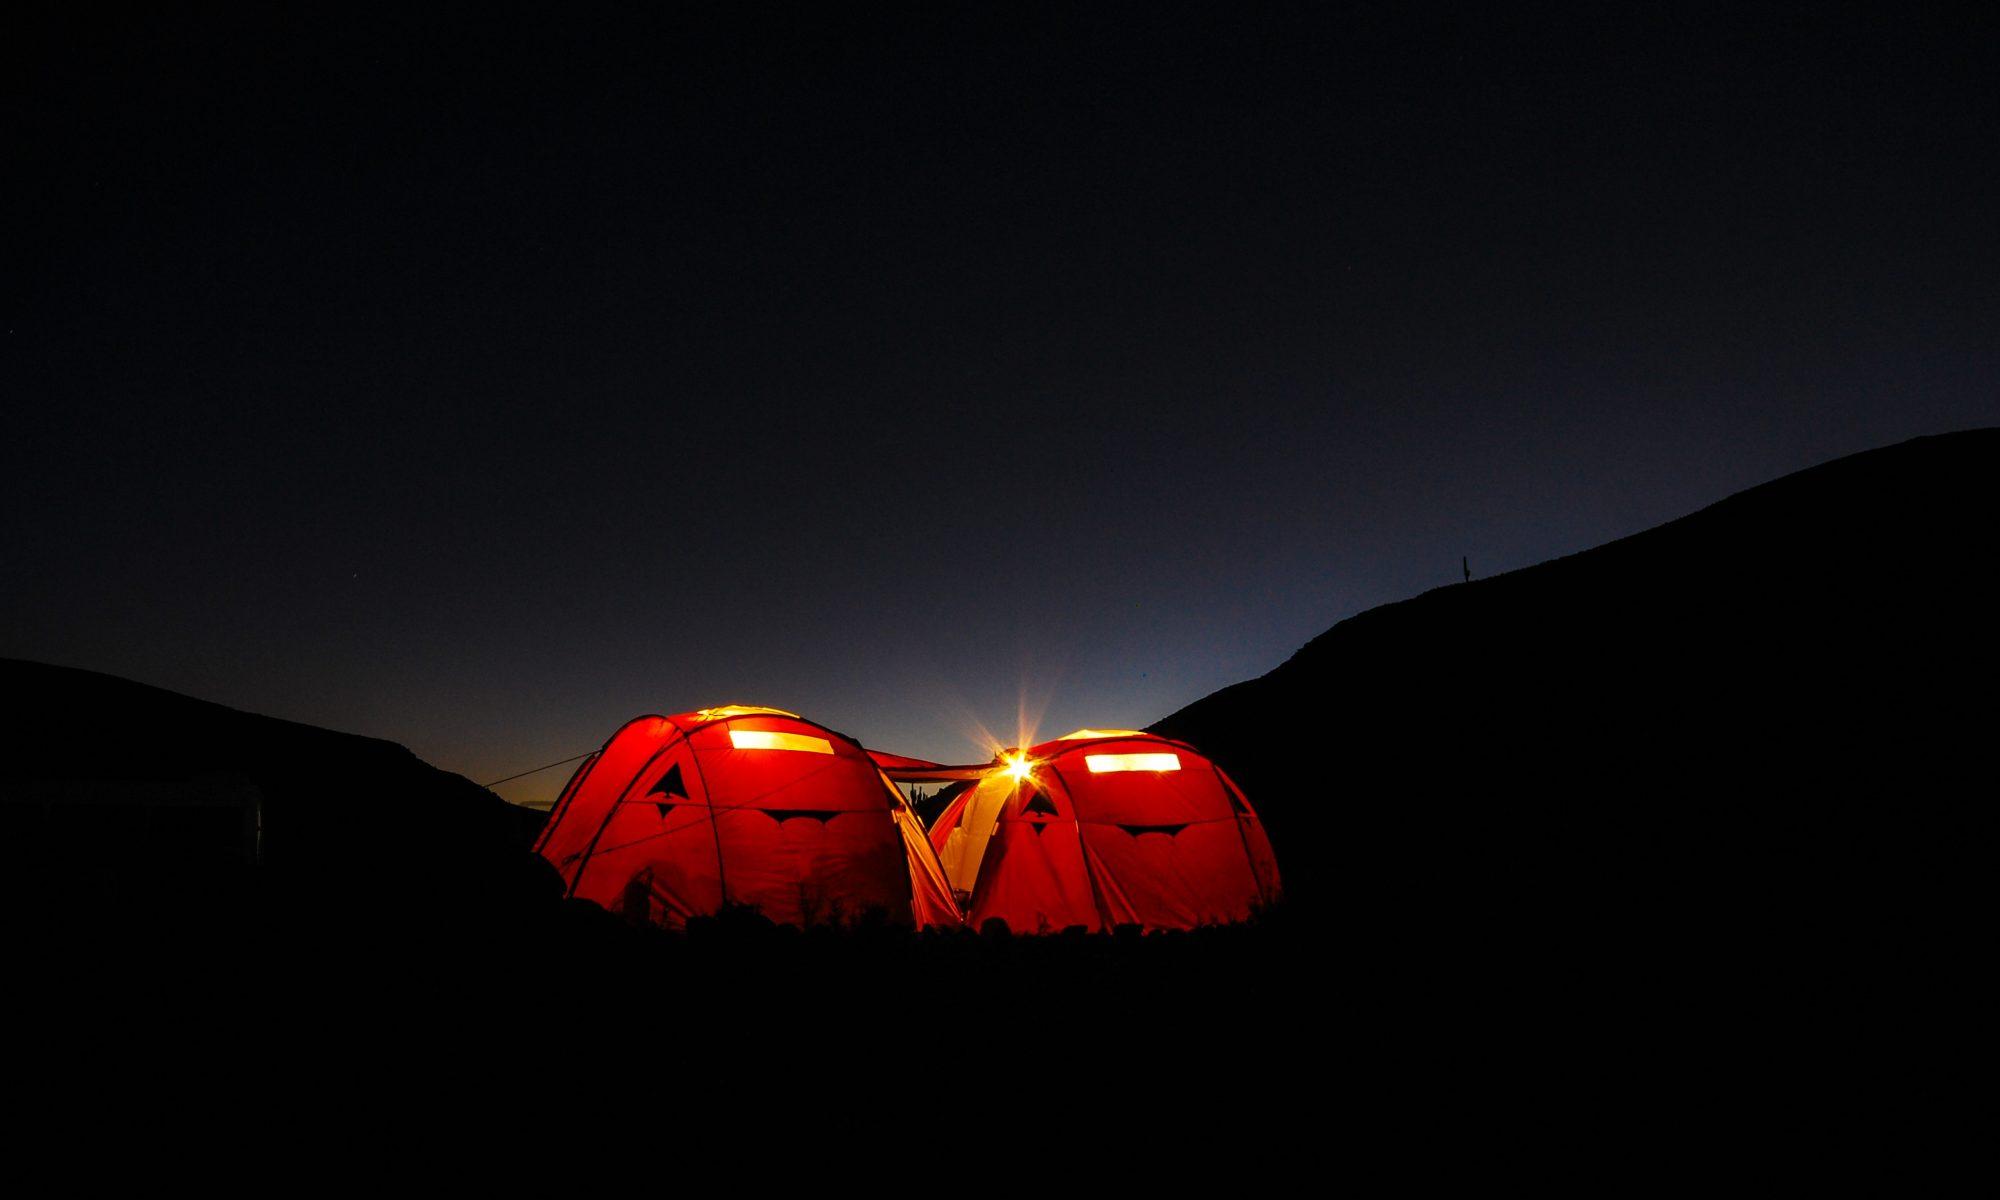 Dos tiendas de campaña iluminadas en la oscuridad